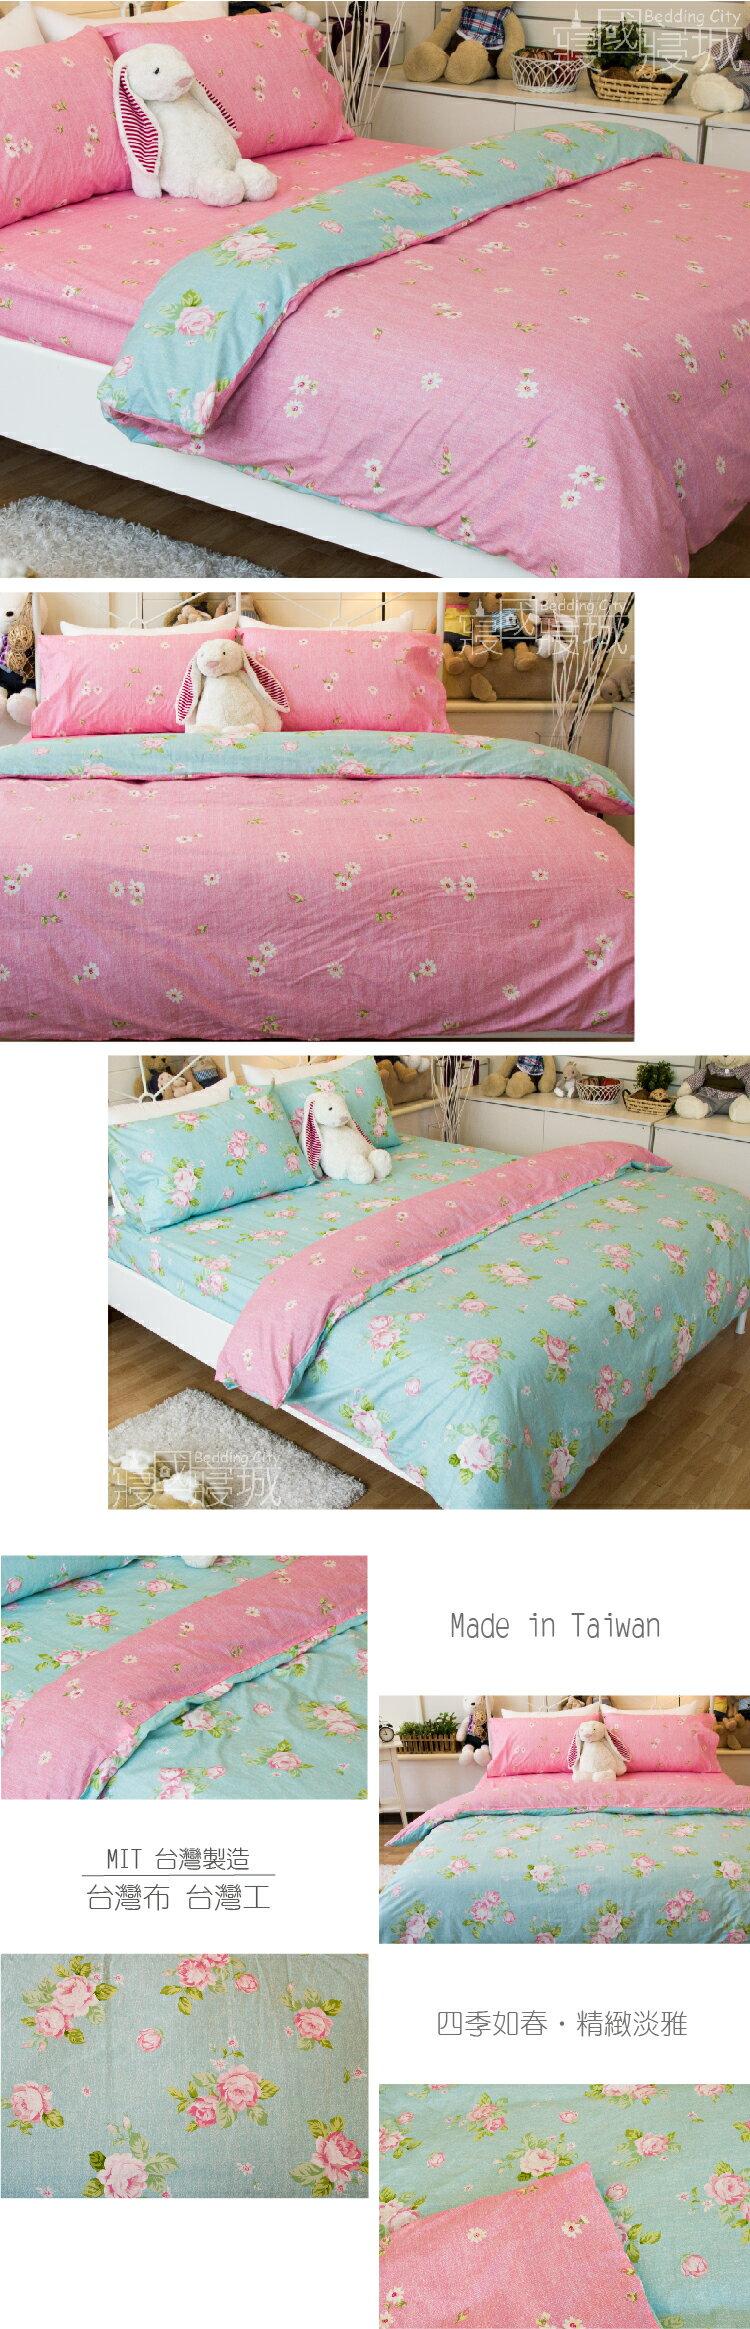 100%精梳棉-單人床包兩件組 春天的氣息#粉色小花【大鐘印染、台灣製造】#精梳純綿 2